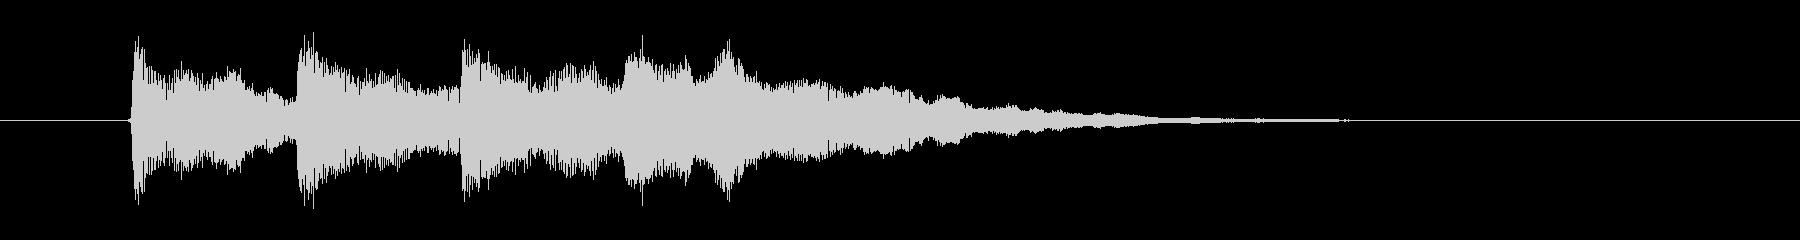 ピンポンパンポーン(迷子のお知らせ)の未再生の波形